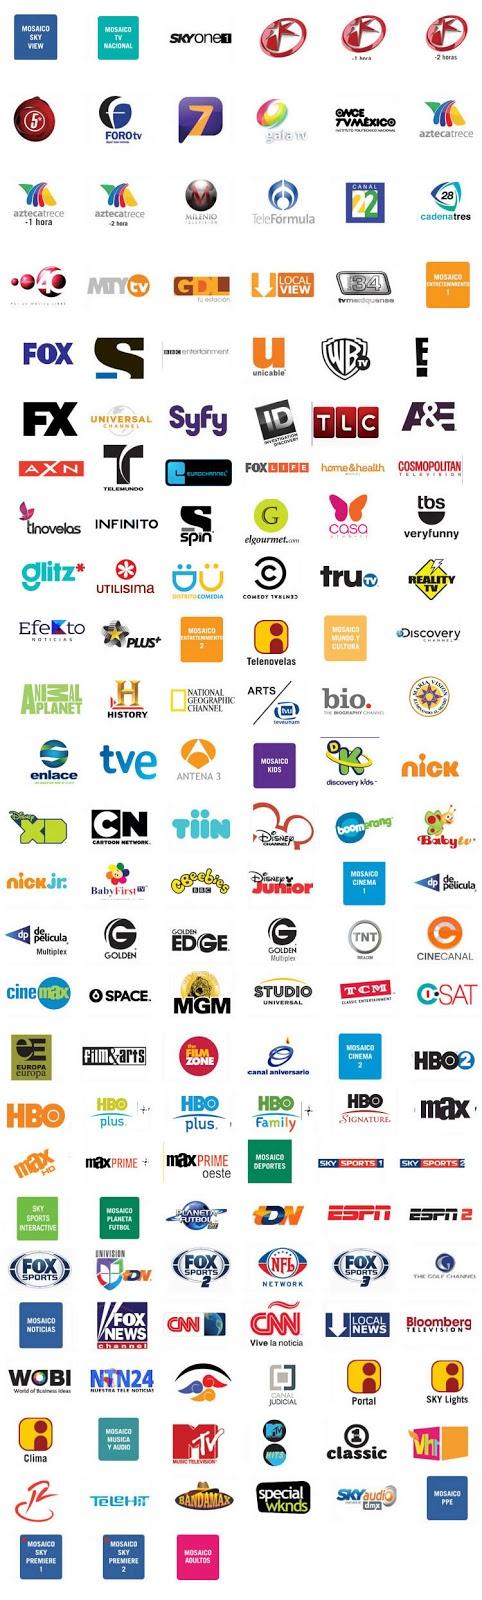 233 canales del paquete hbo max  por solo $594 al mes